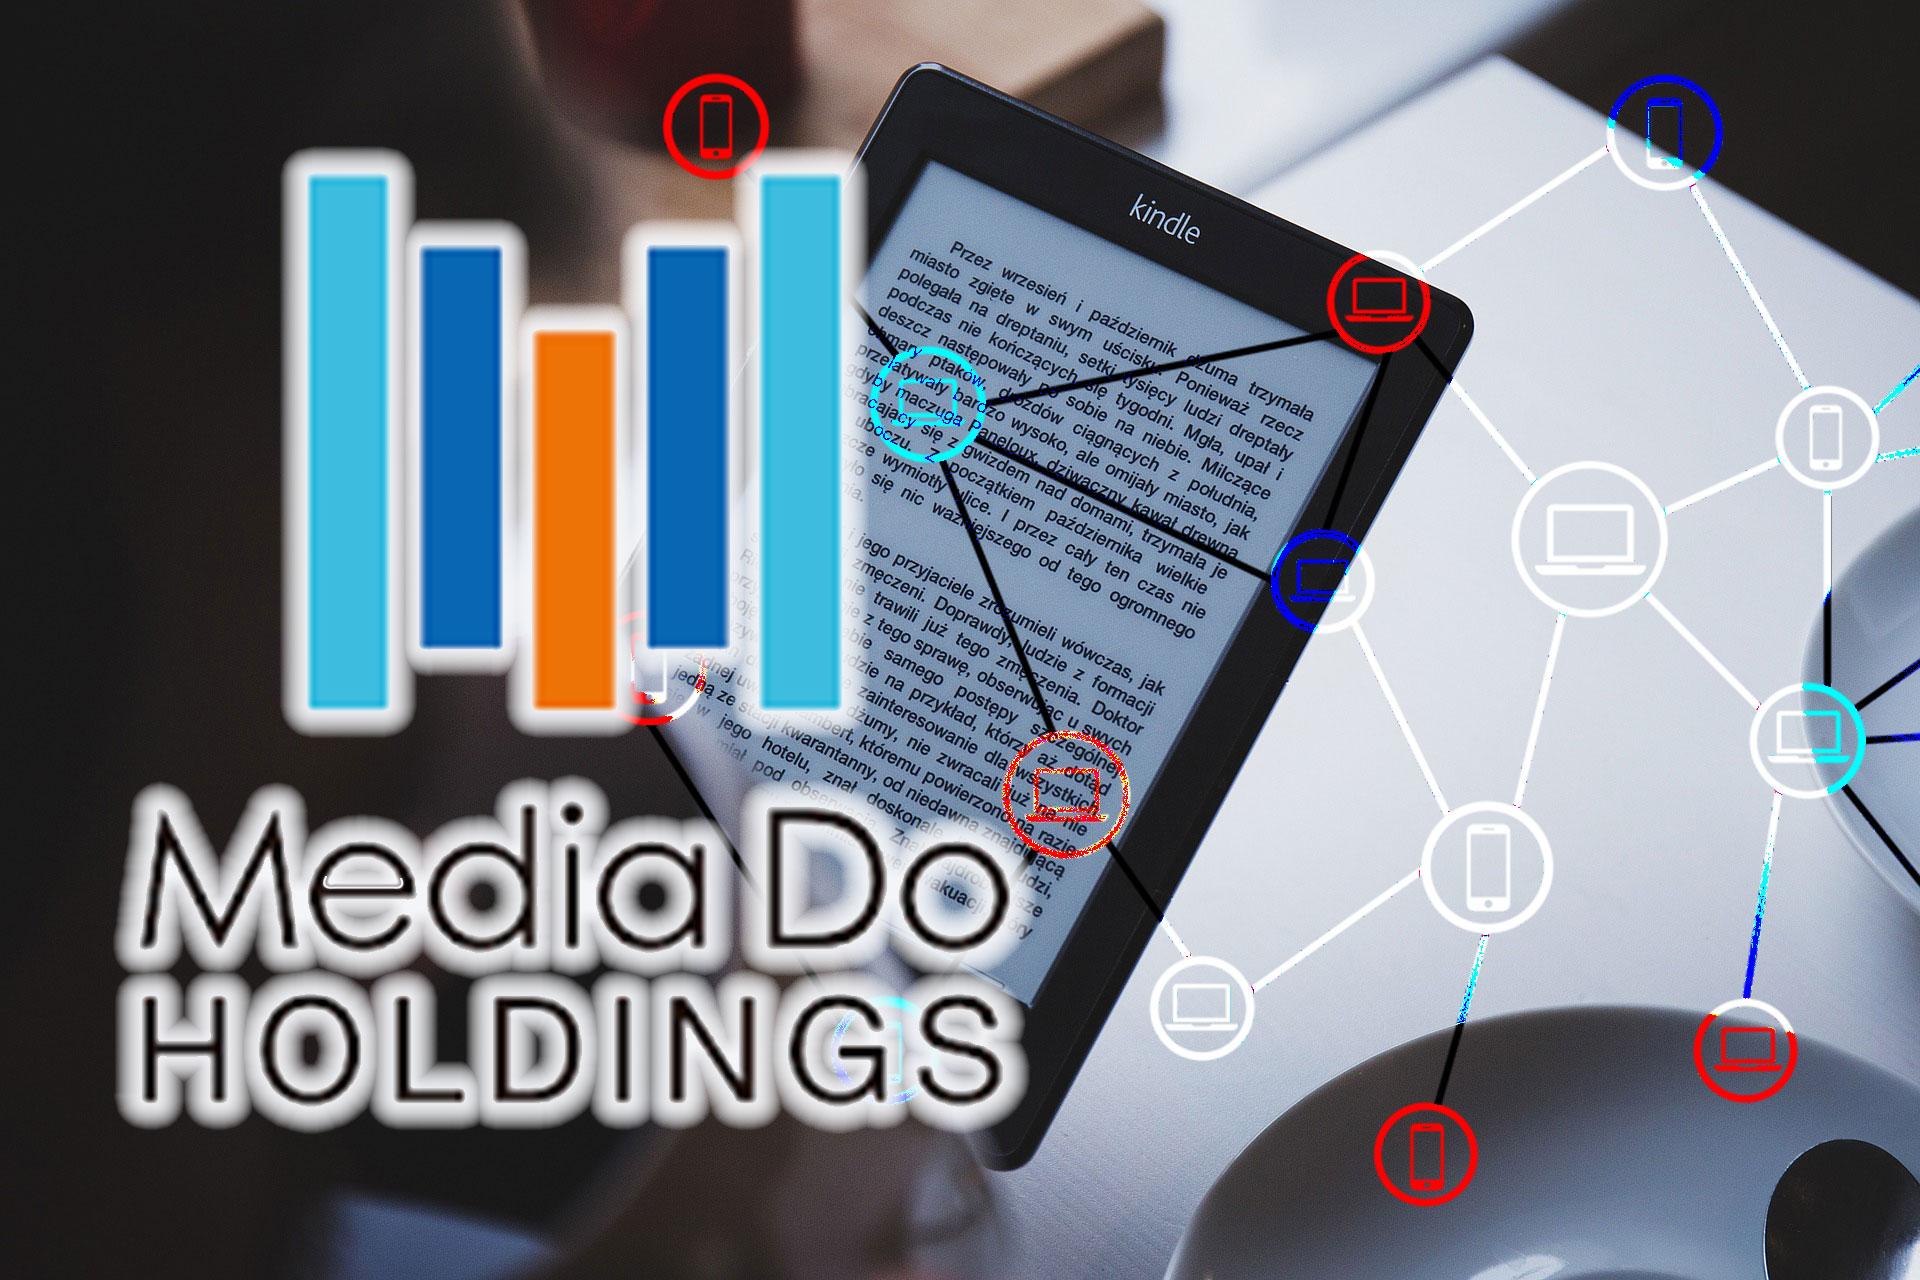 電子書籍取次大手のメディアドゥホールディングス、ブロックチェーンなどの新技術に投資!